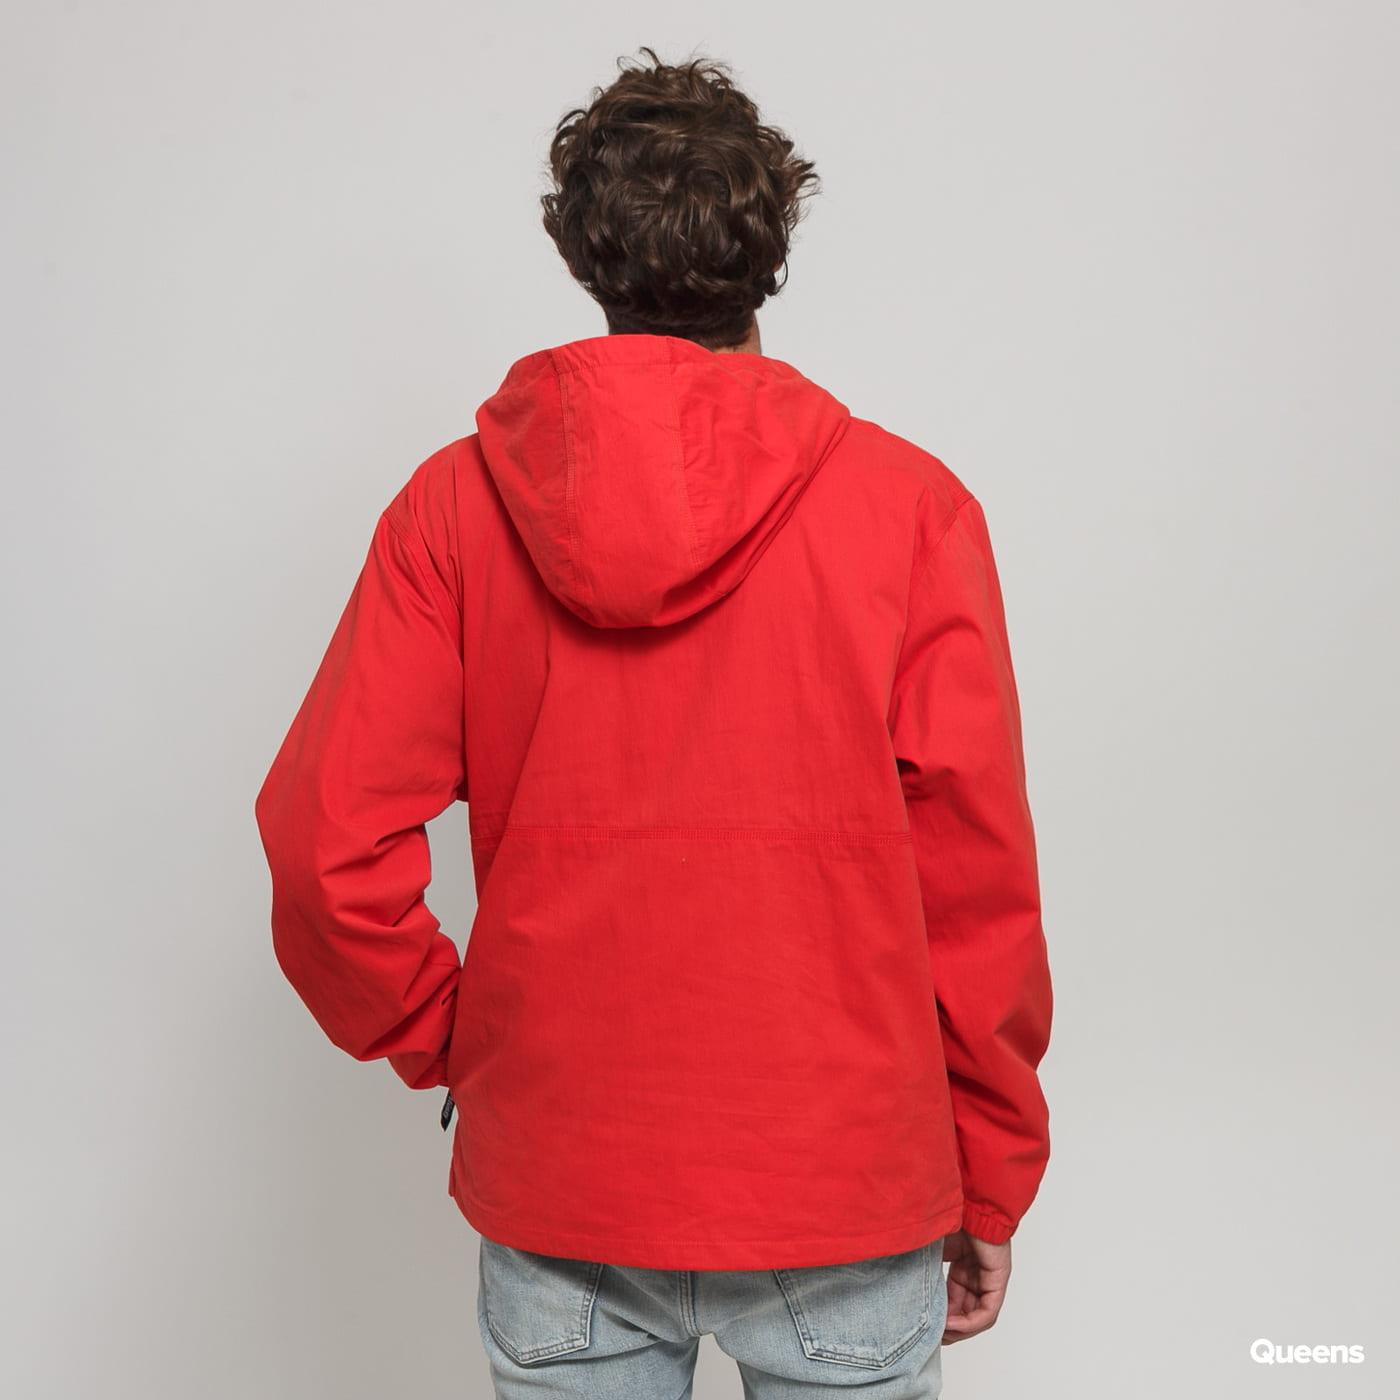 Stüssy Big Pocket Anorak svetločervená